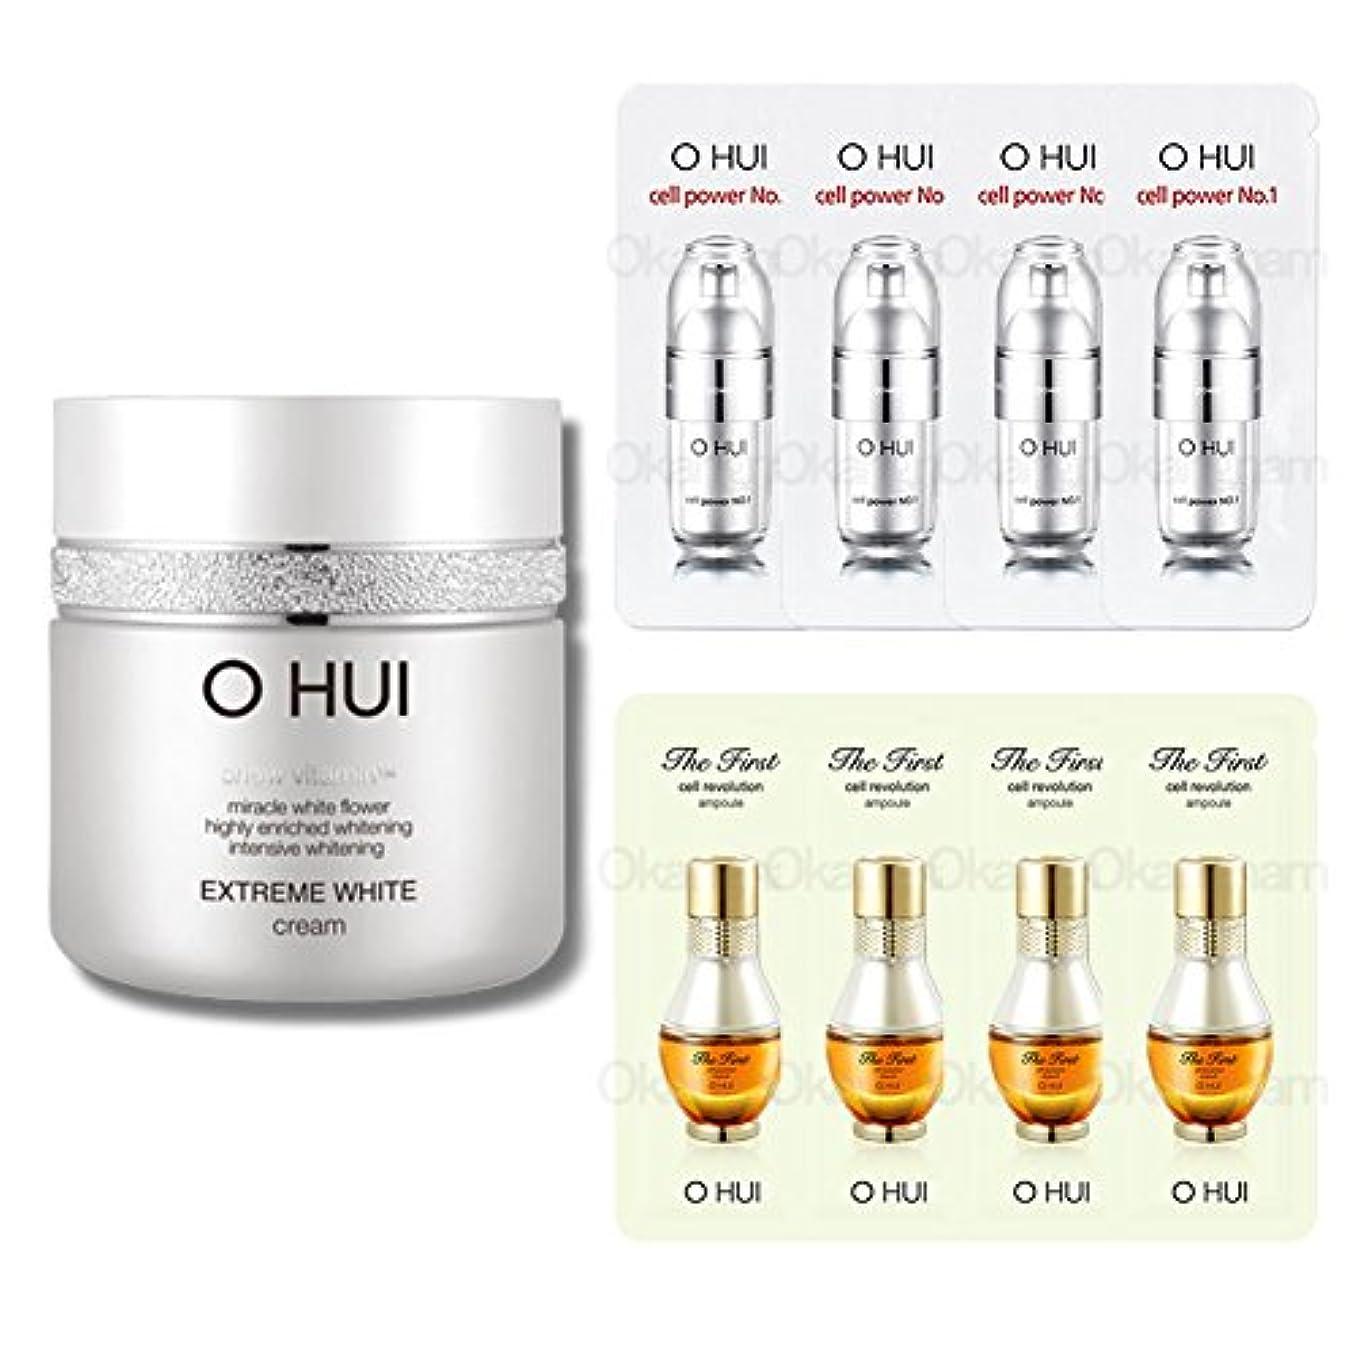 柔和アプローチスペクトラム[オフィ/ O HUI]韓国化粧品 LG生活健康/ OHUI OEW04 EXTREME WHITE CREAM/オフィ エクストリーム ホワイトクリーム 50ml +[Sample Gift](海外直送品)